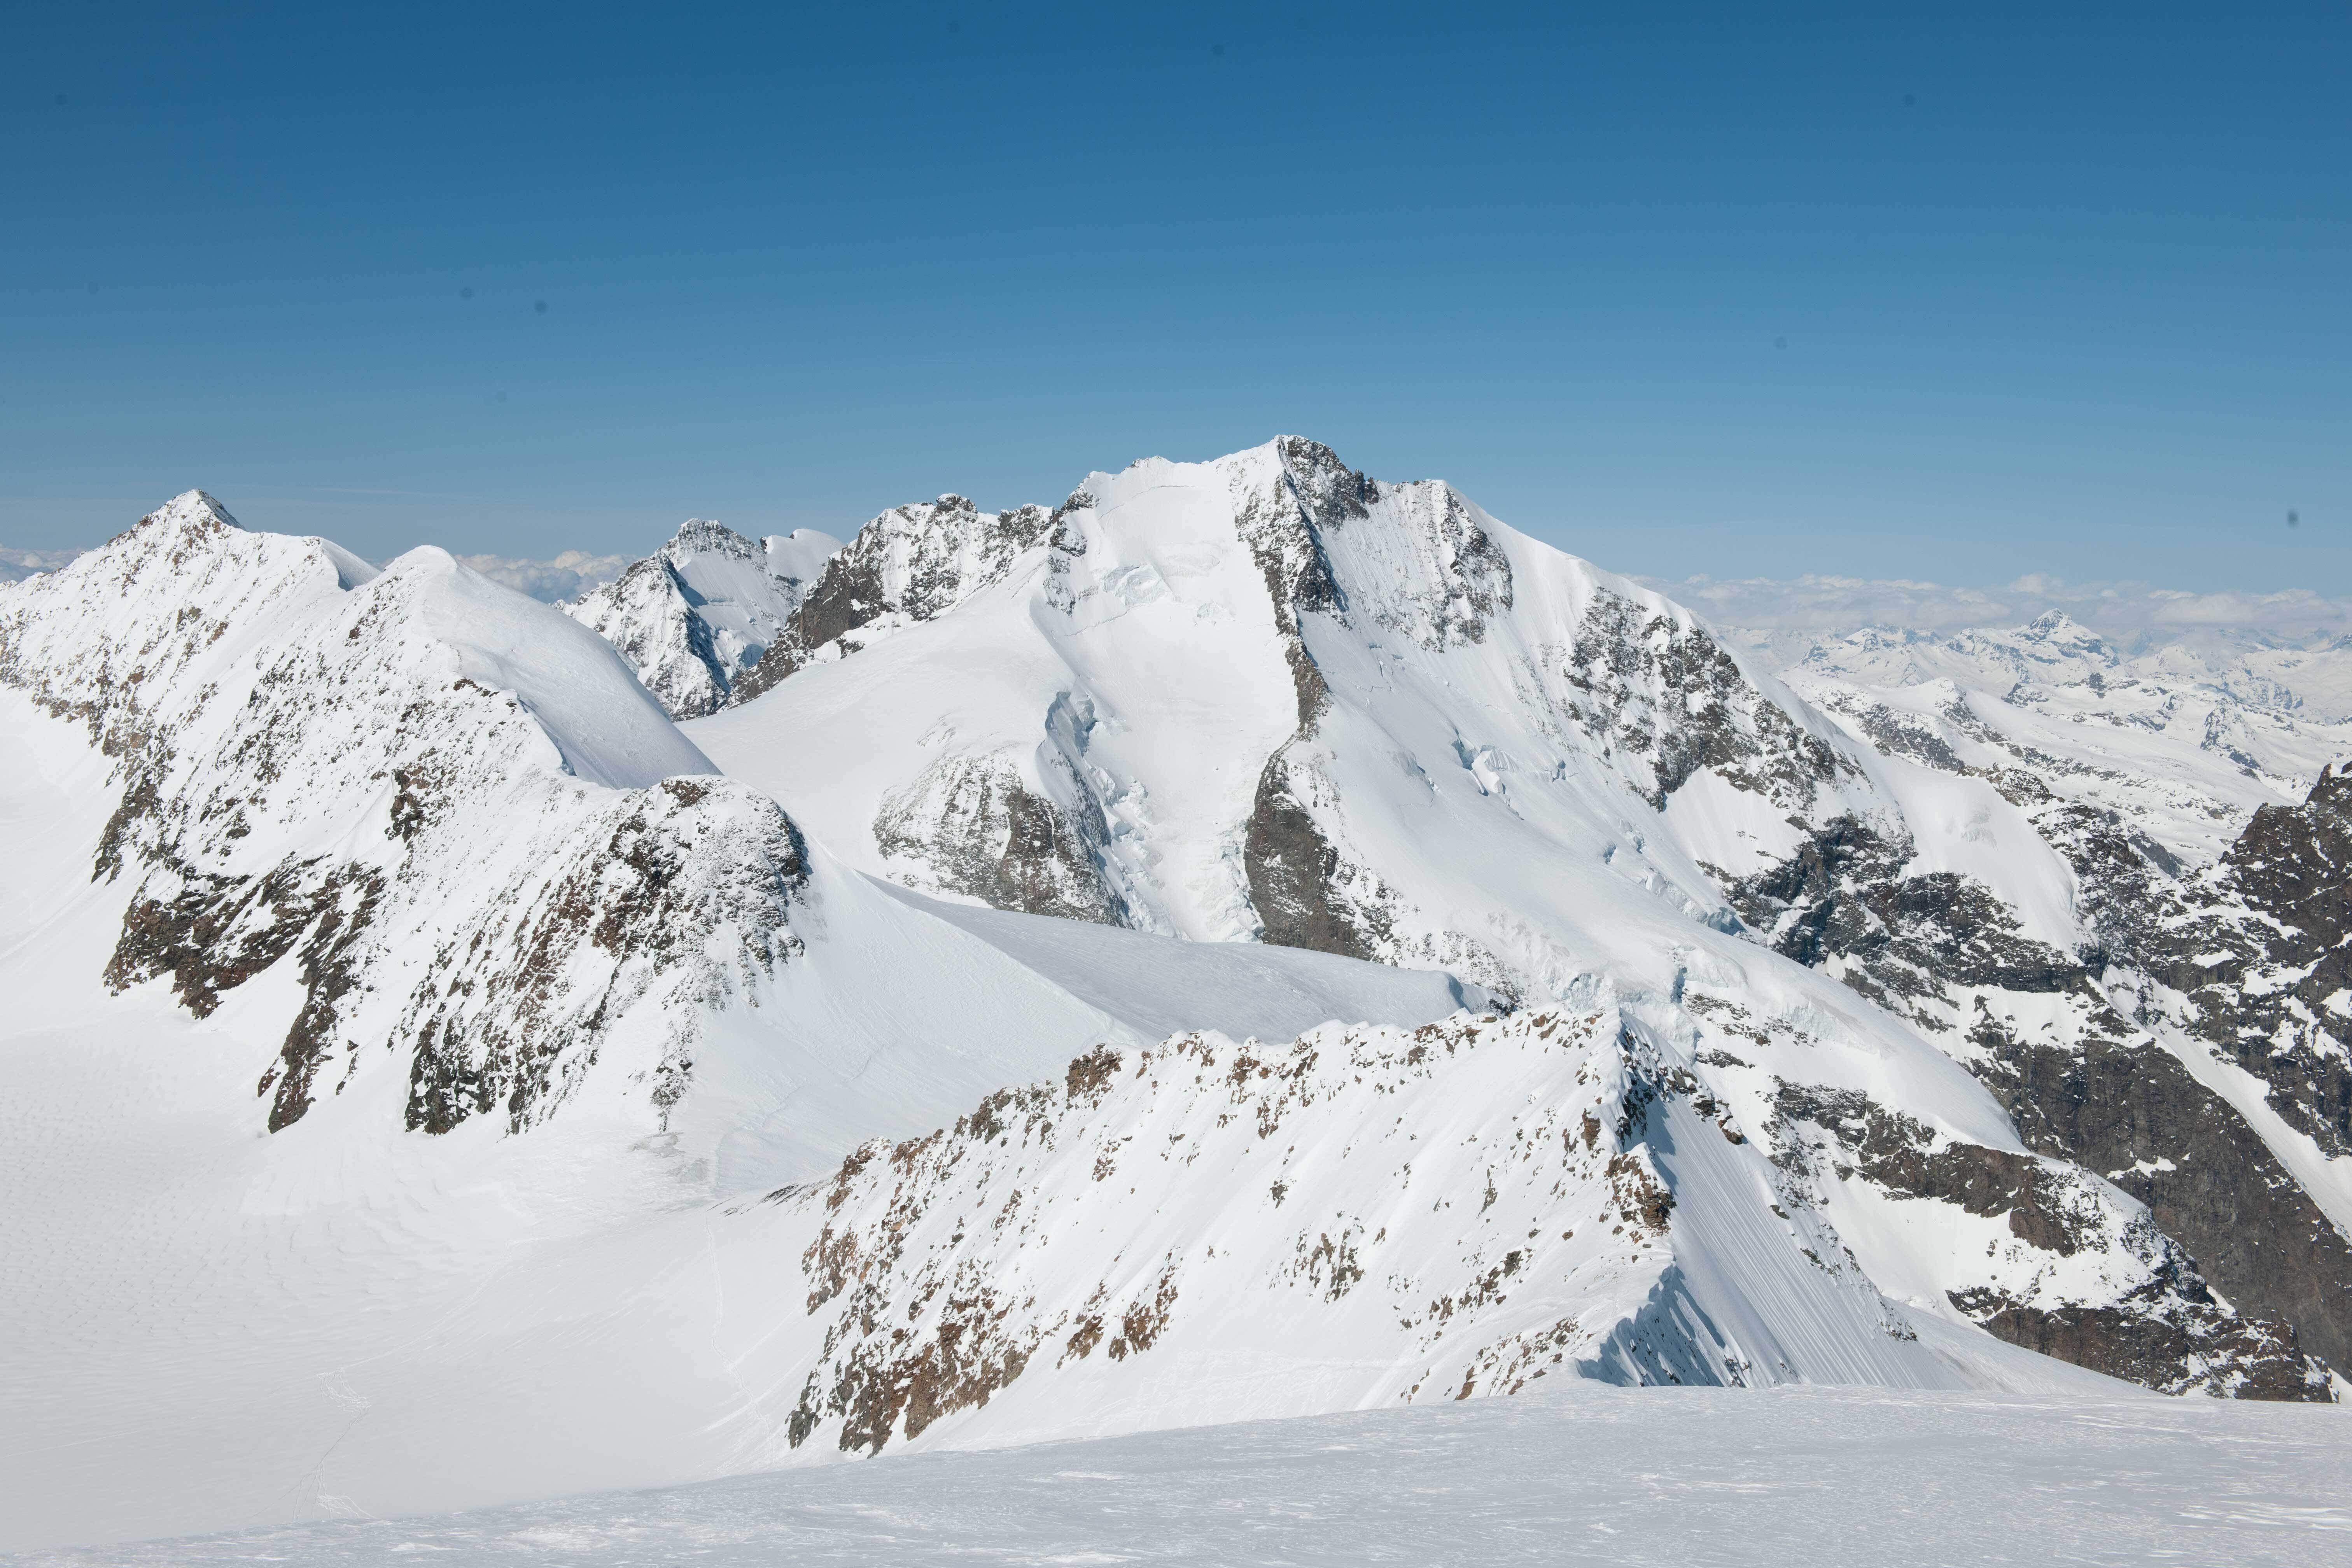 Theodor Wundt: Ich und die Berge, 1917